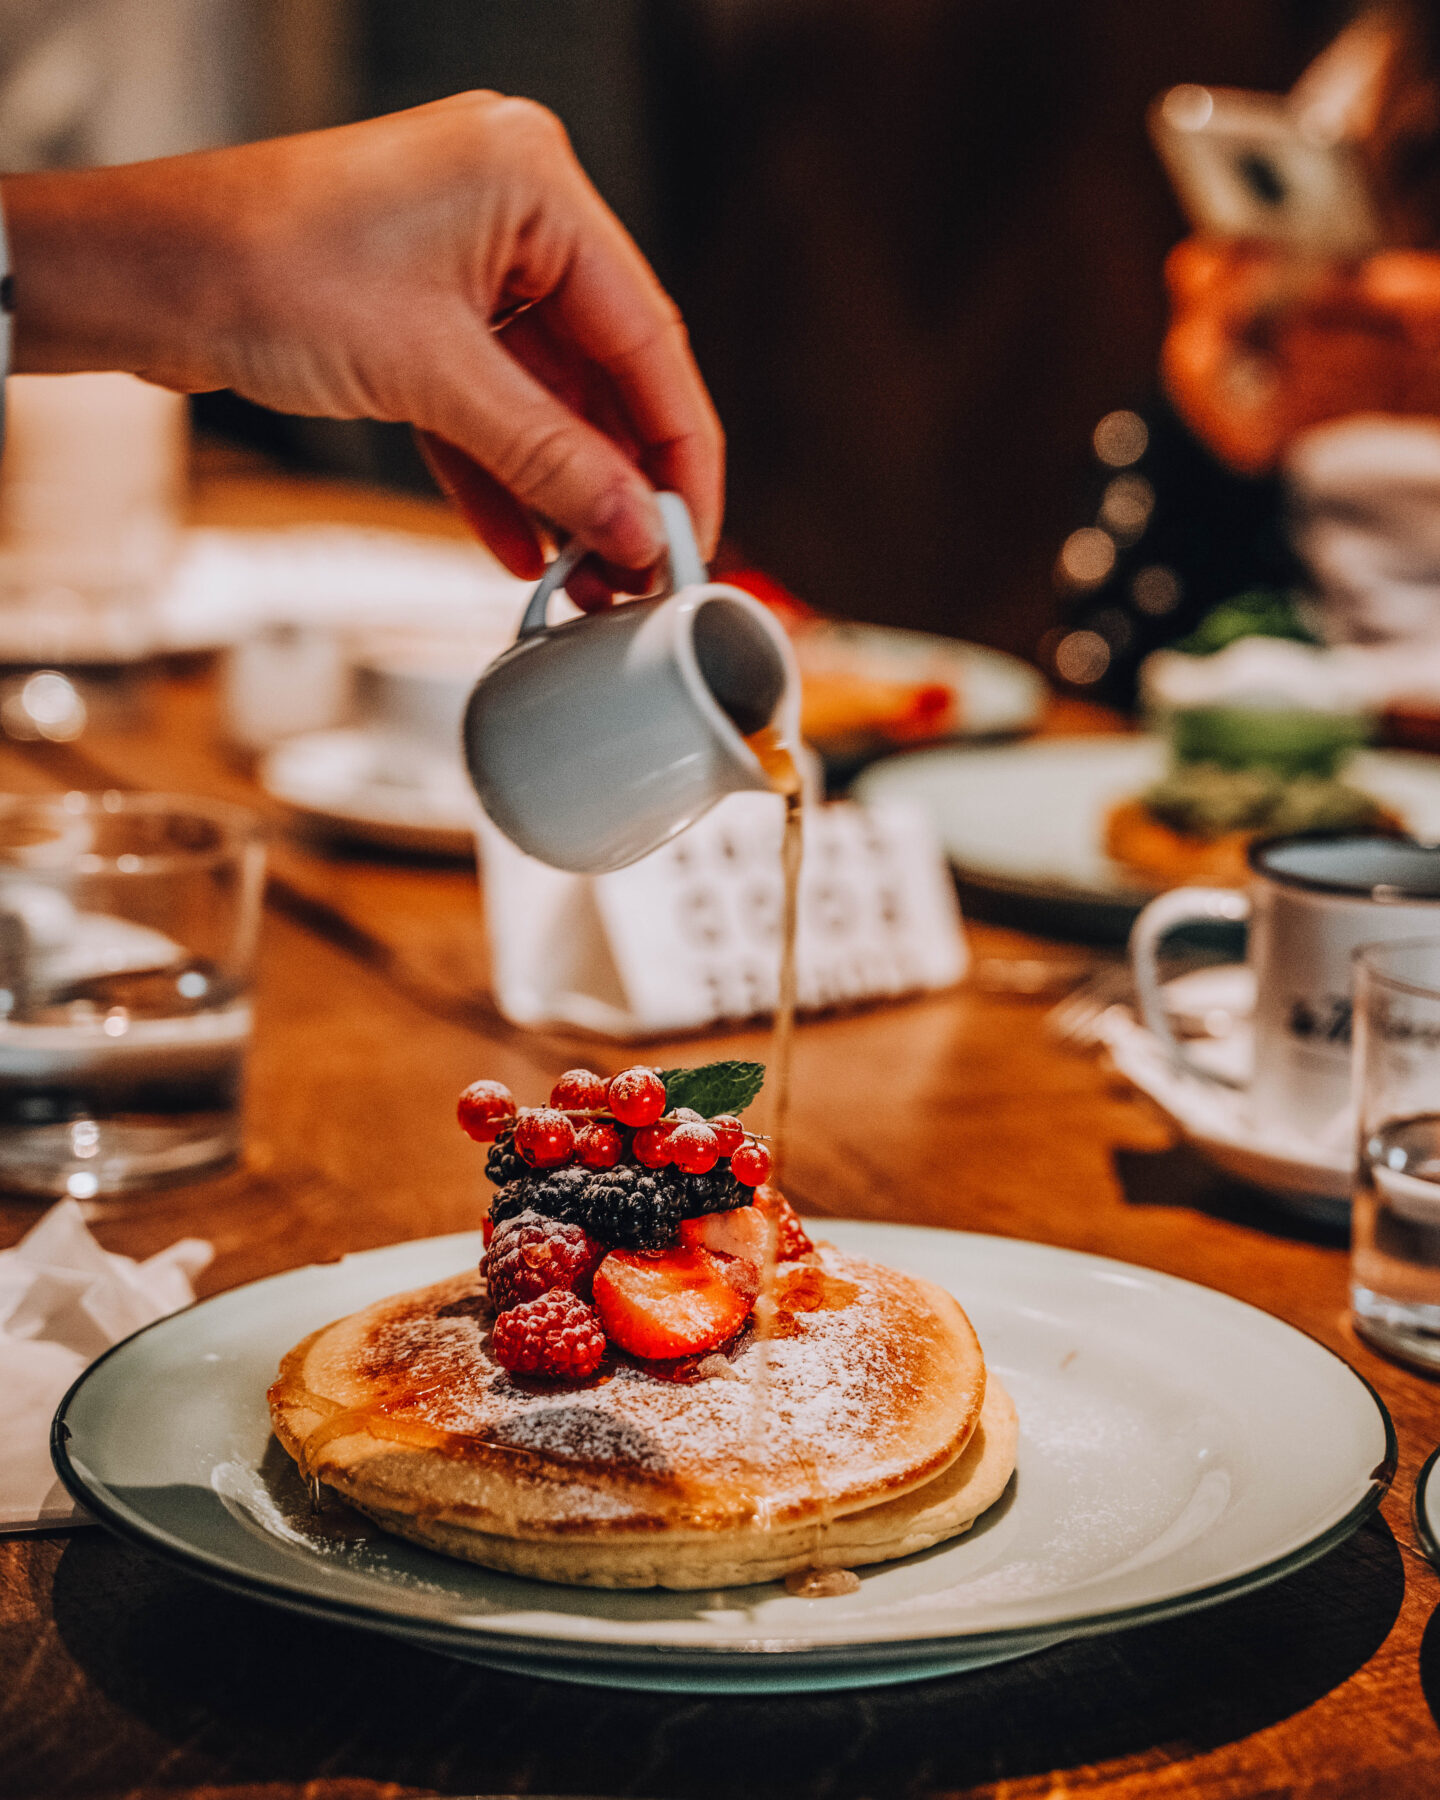 pancakes con frutti rossi e una mano che versa sciroppo d'acero